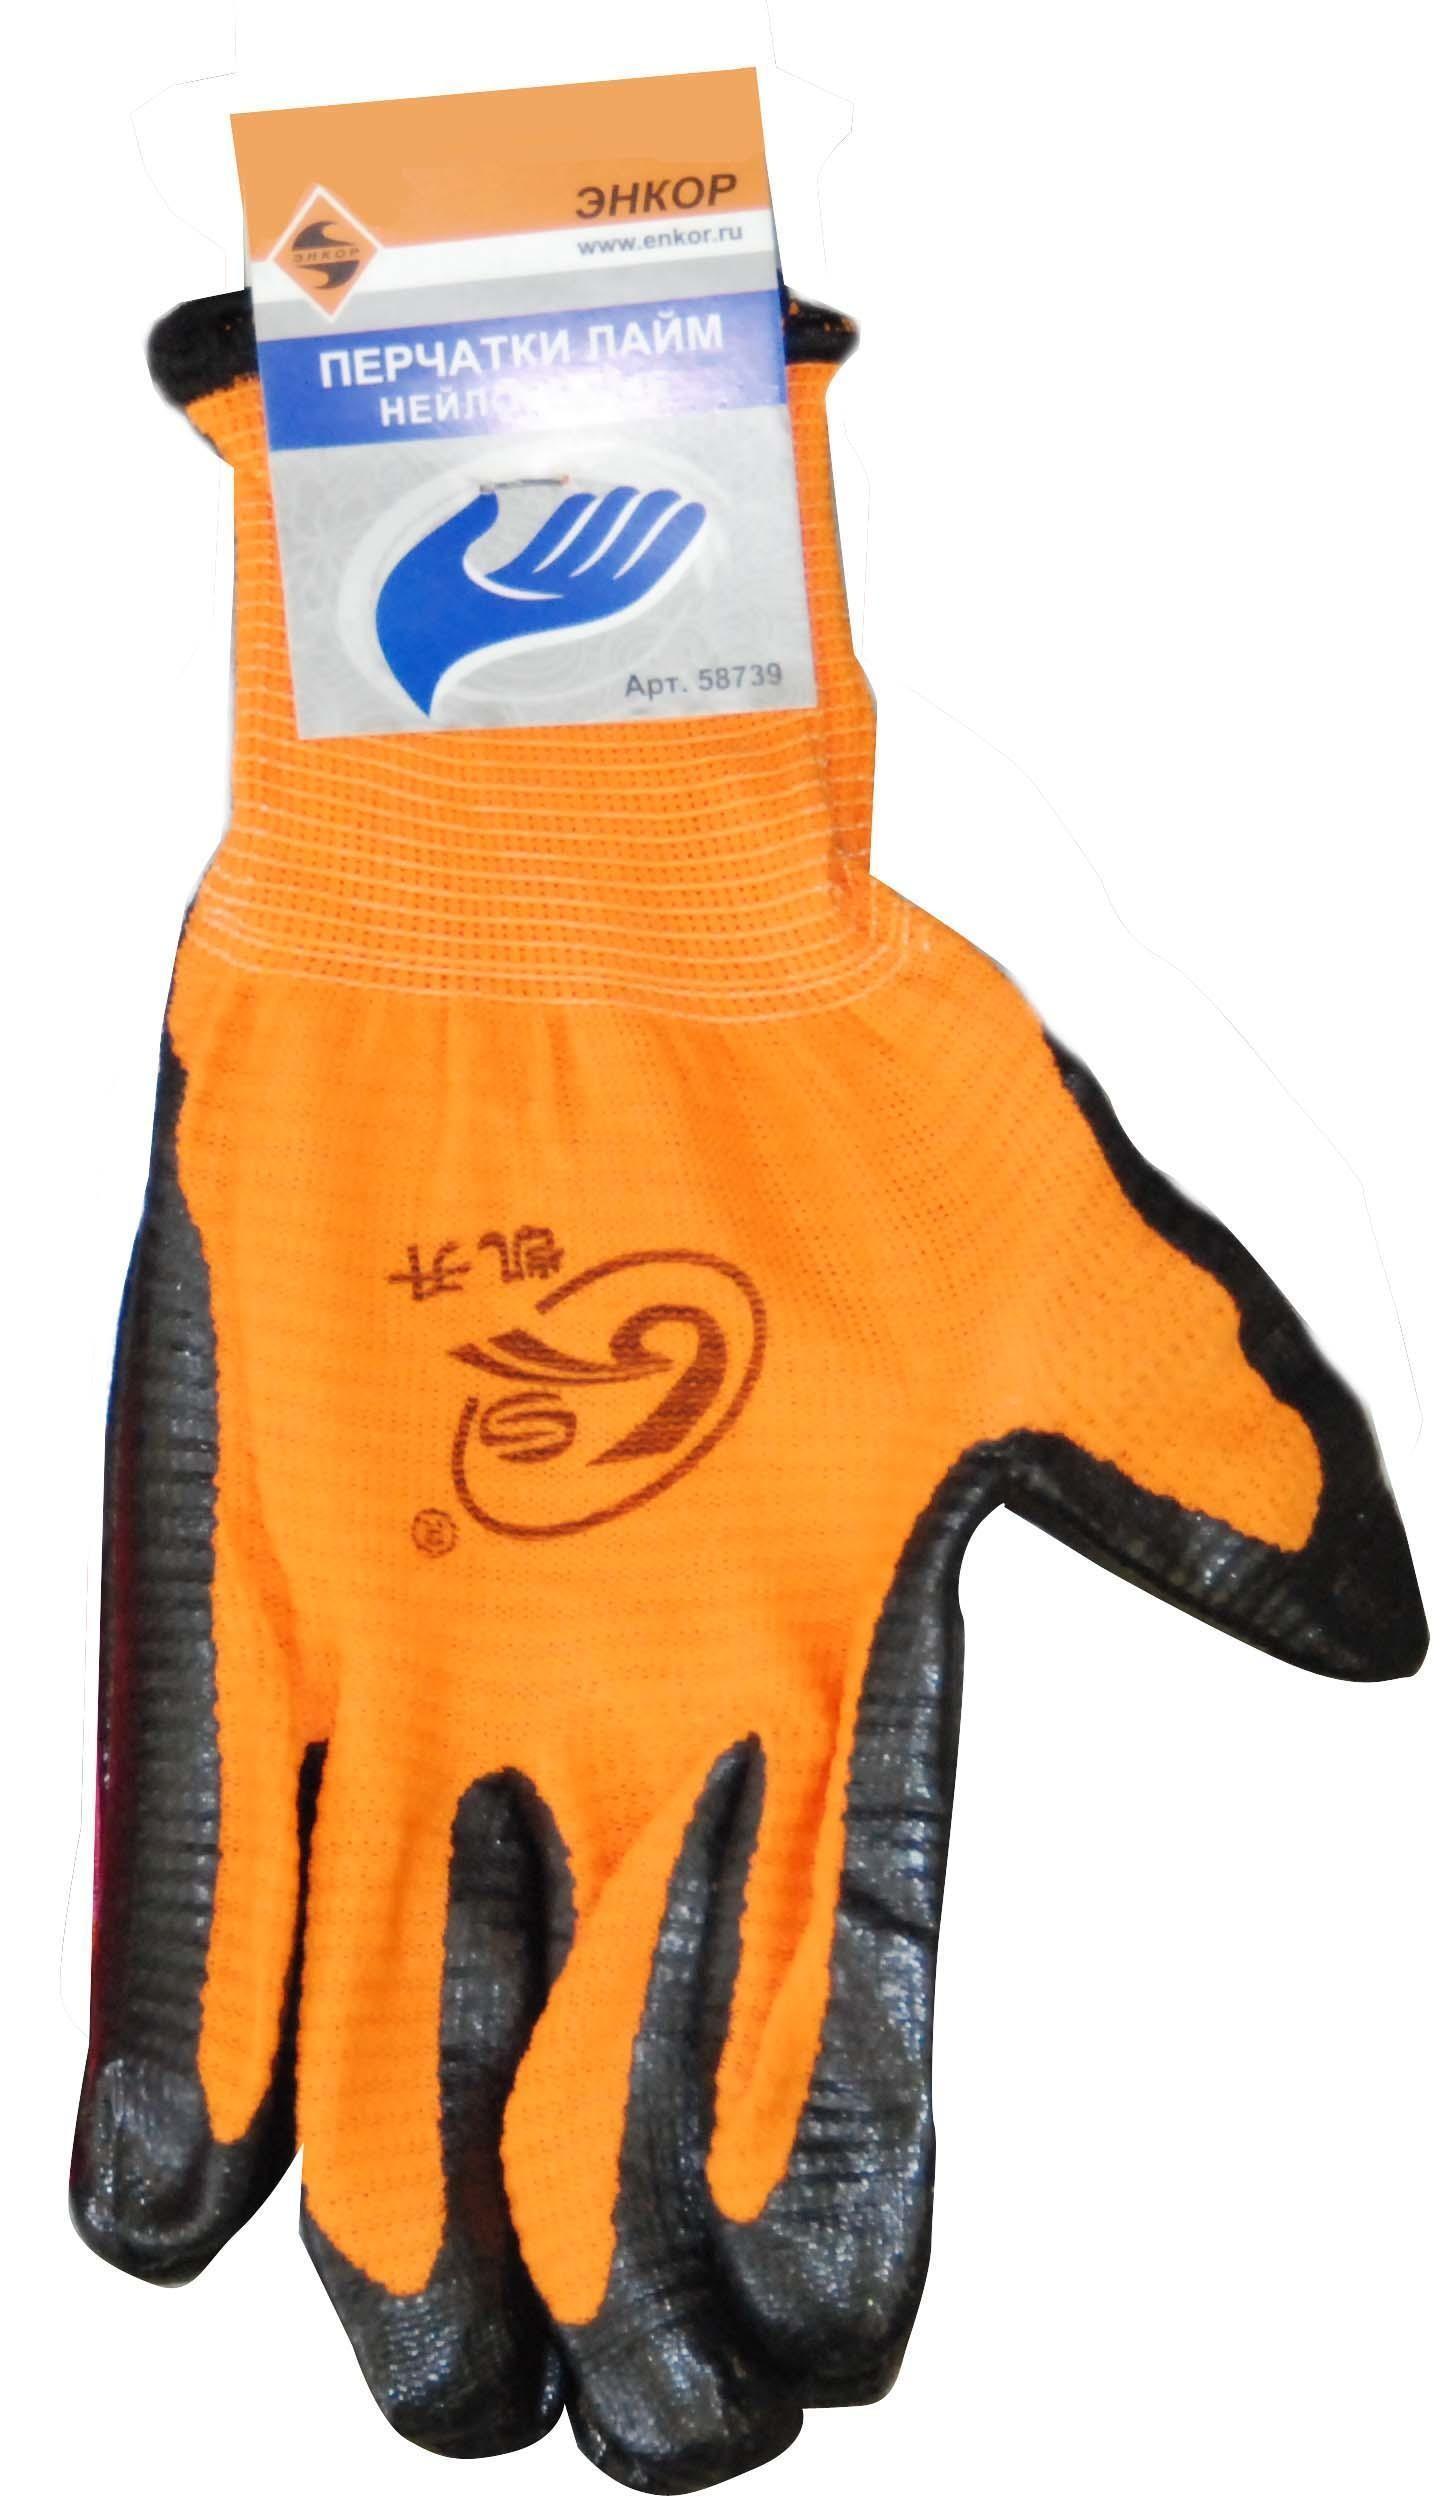 Перчатки утепленные Защита Экстра Энкор